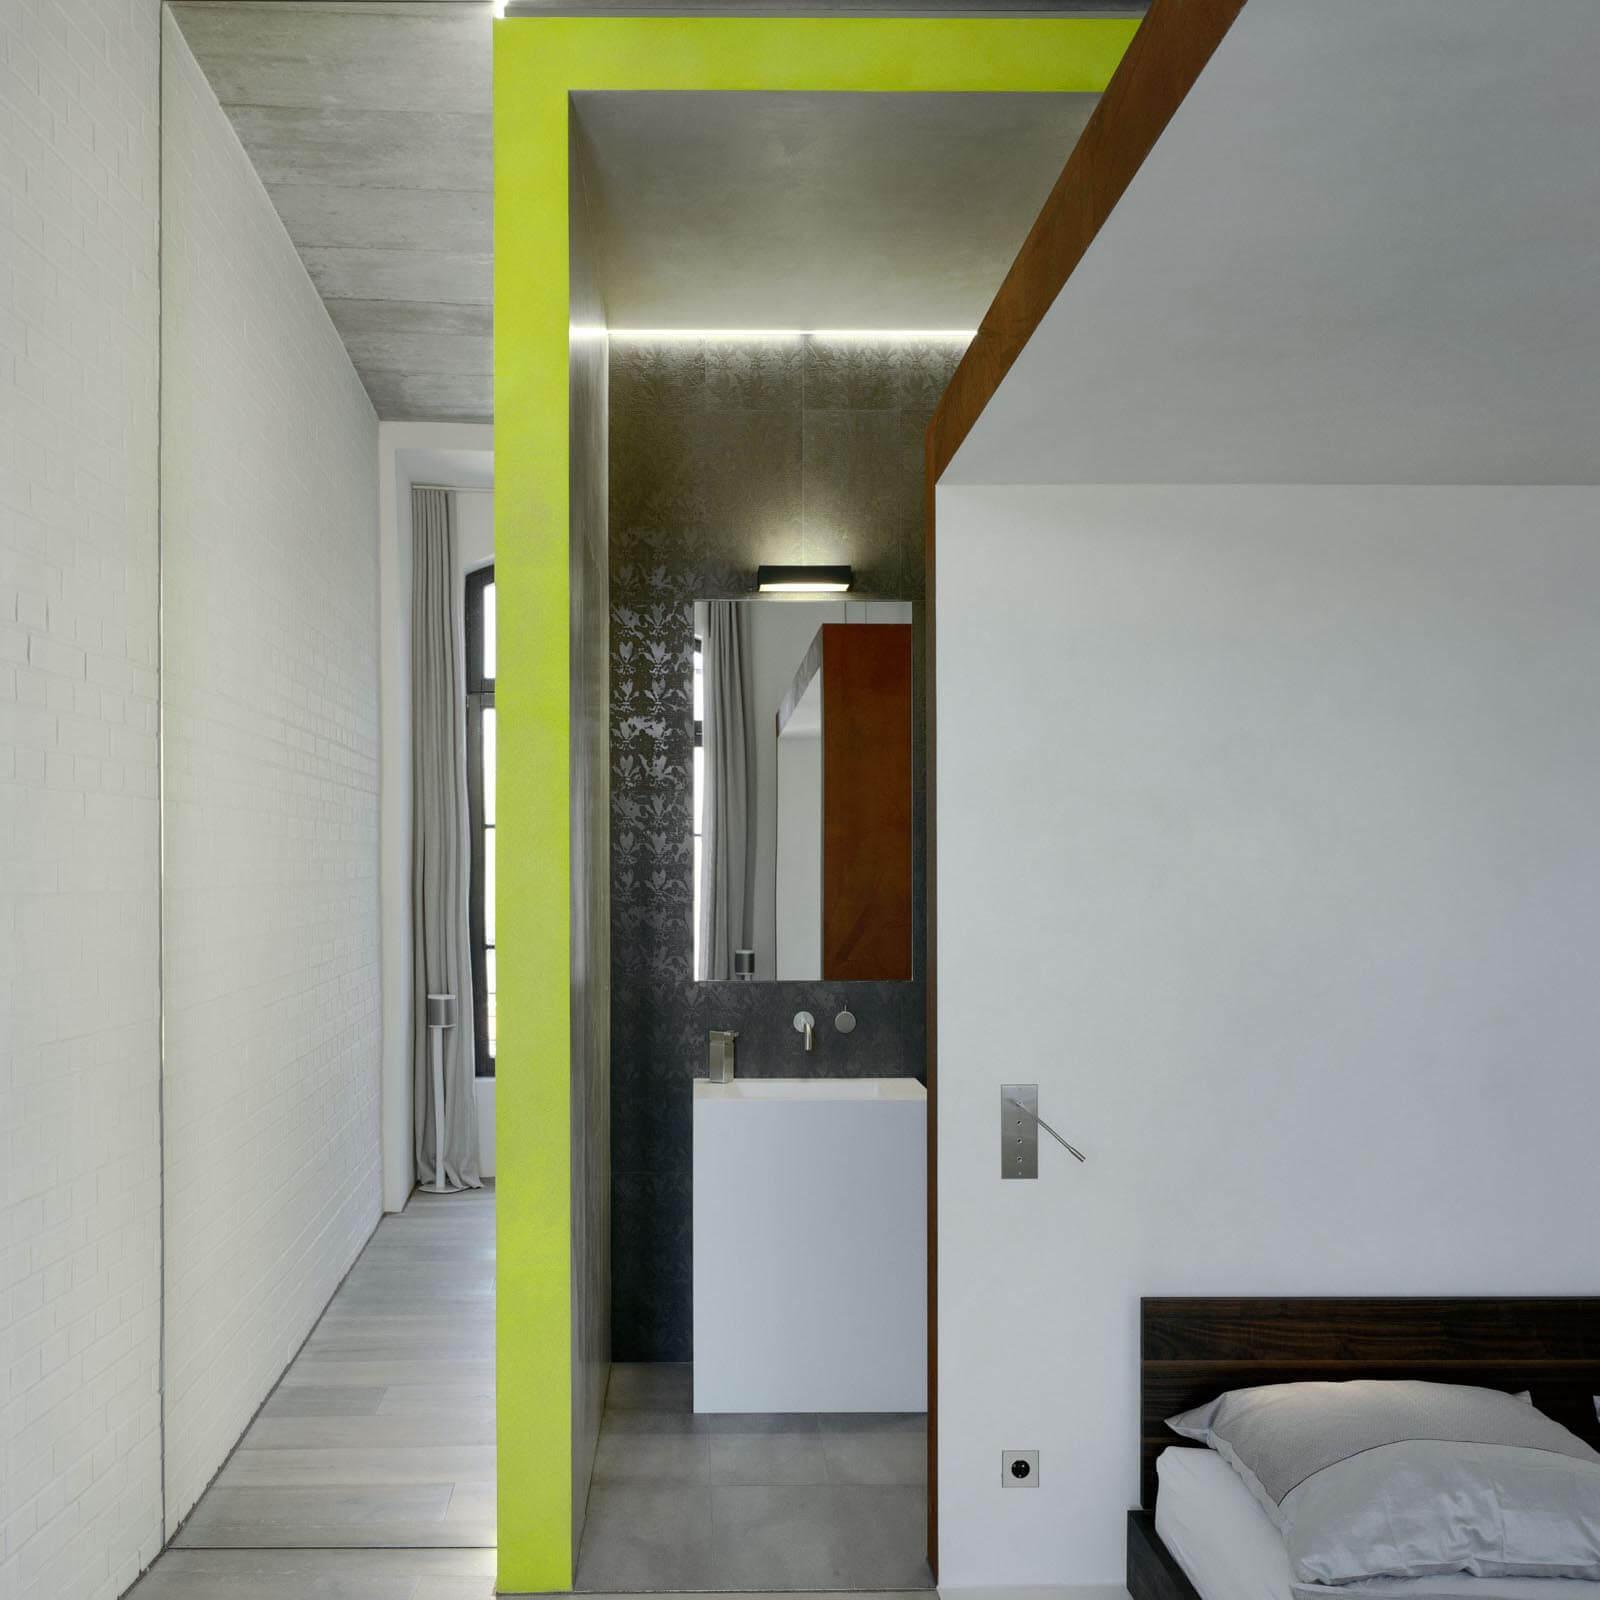 Ambrus+Co | Wohnen Raumgestaltung 3Boxen1Raum